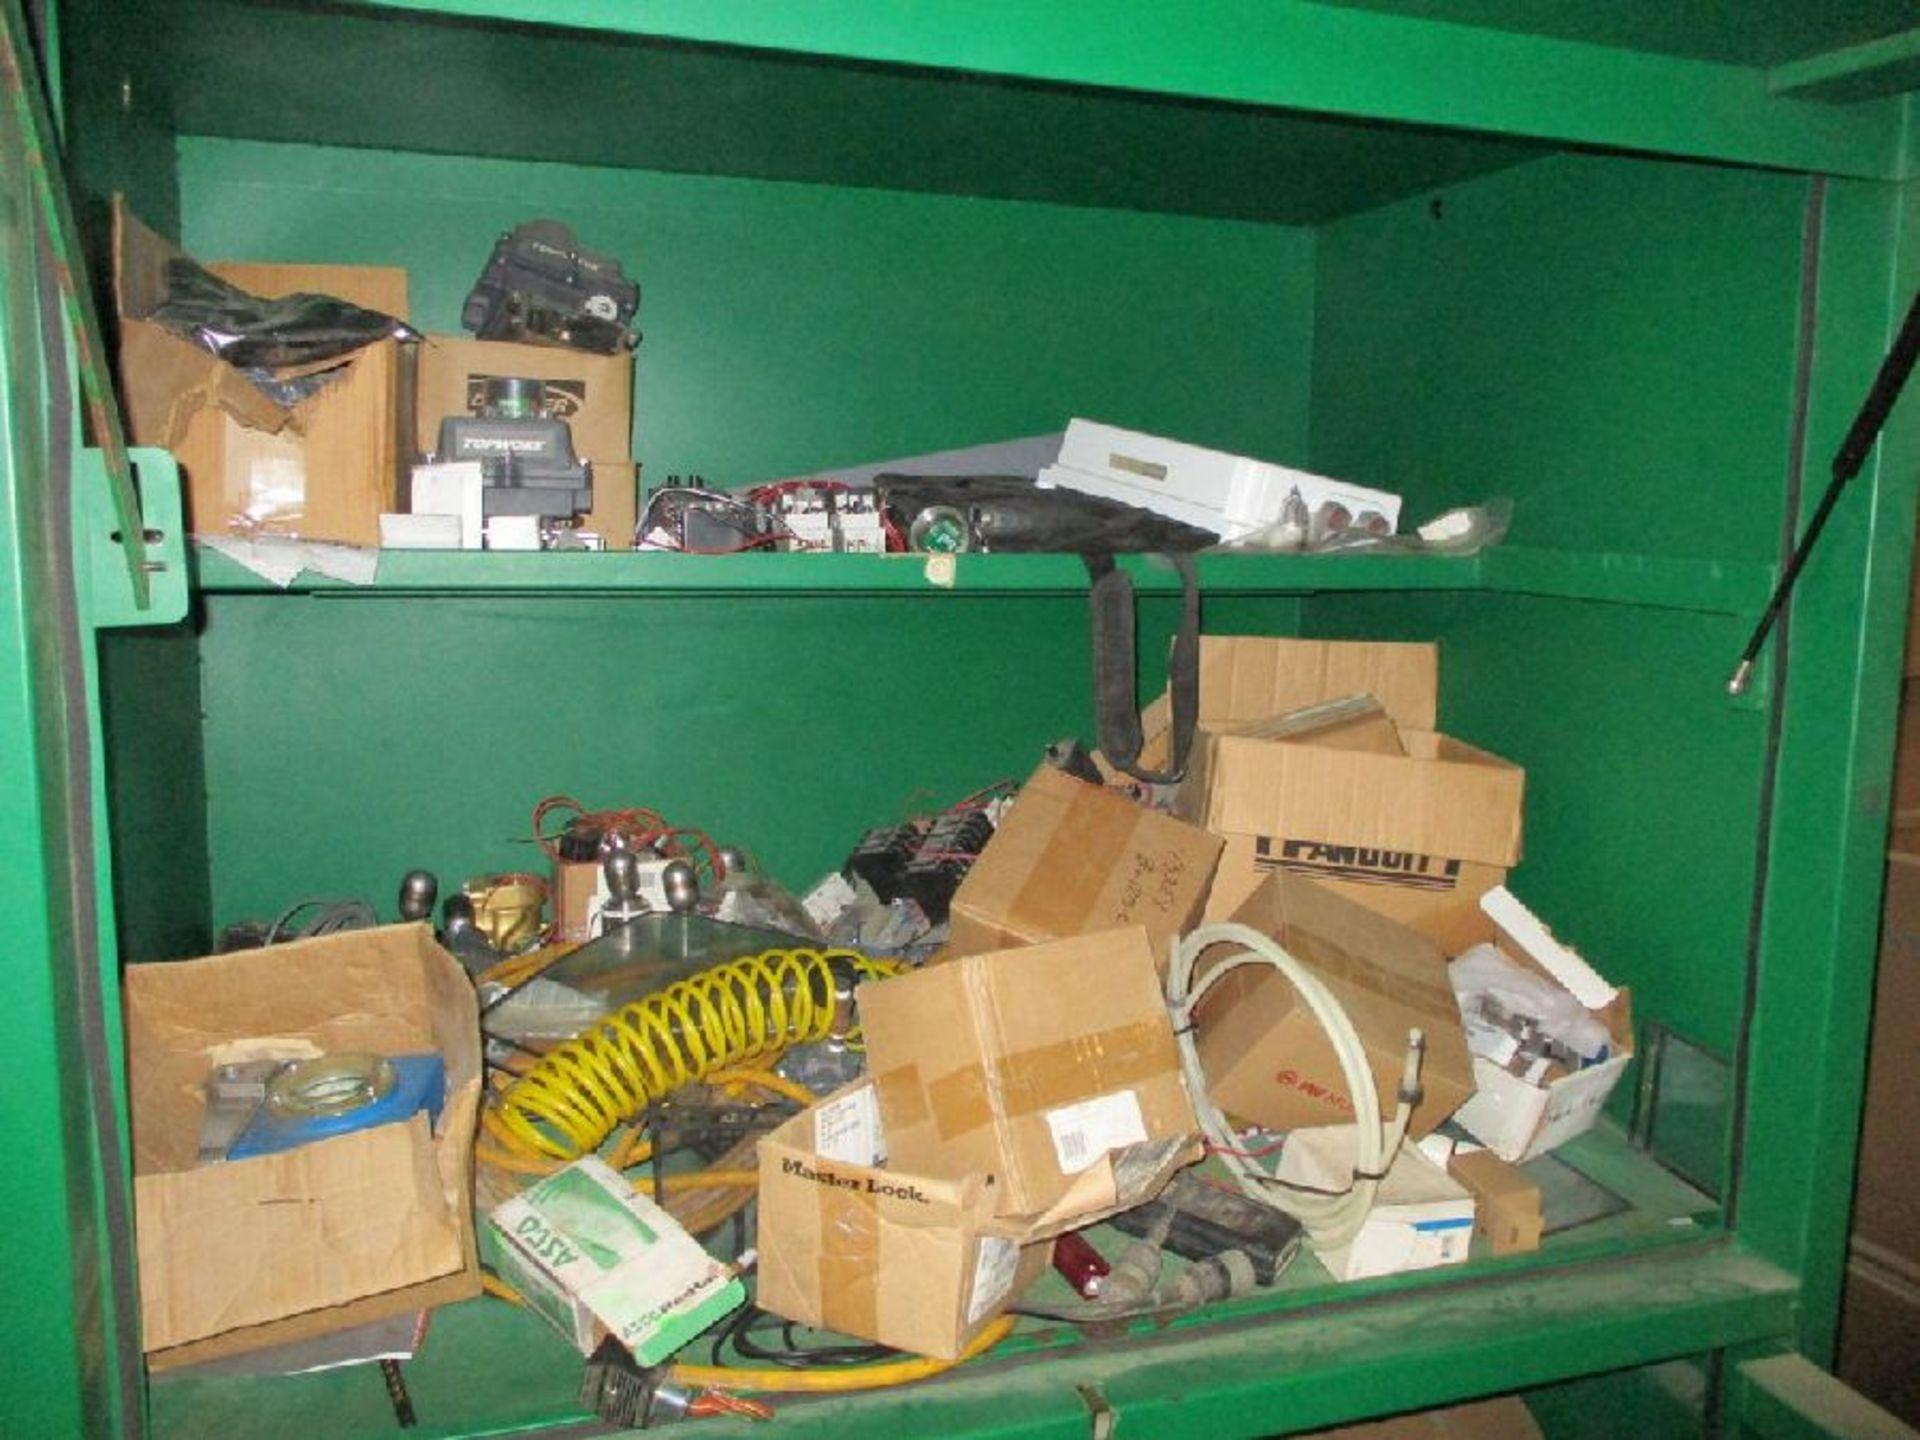 Lot 1102 - Greenlee Model 8060DLX 116.5 Cu Ft Field Office Cabinet